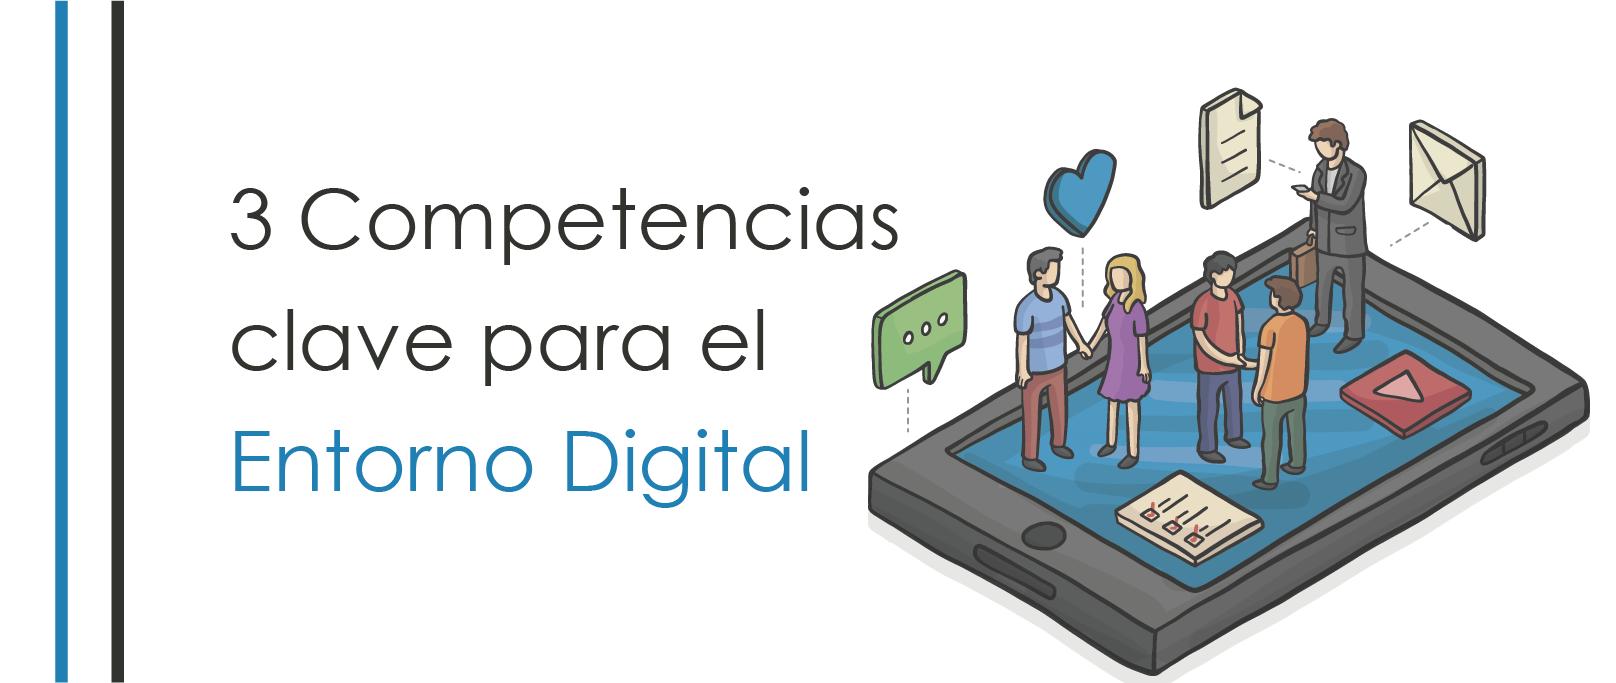 3 competencias clave para el entorno digital